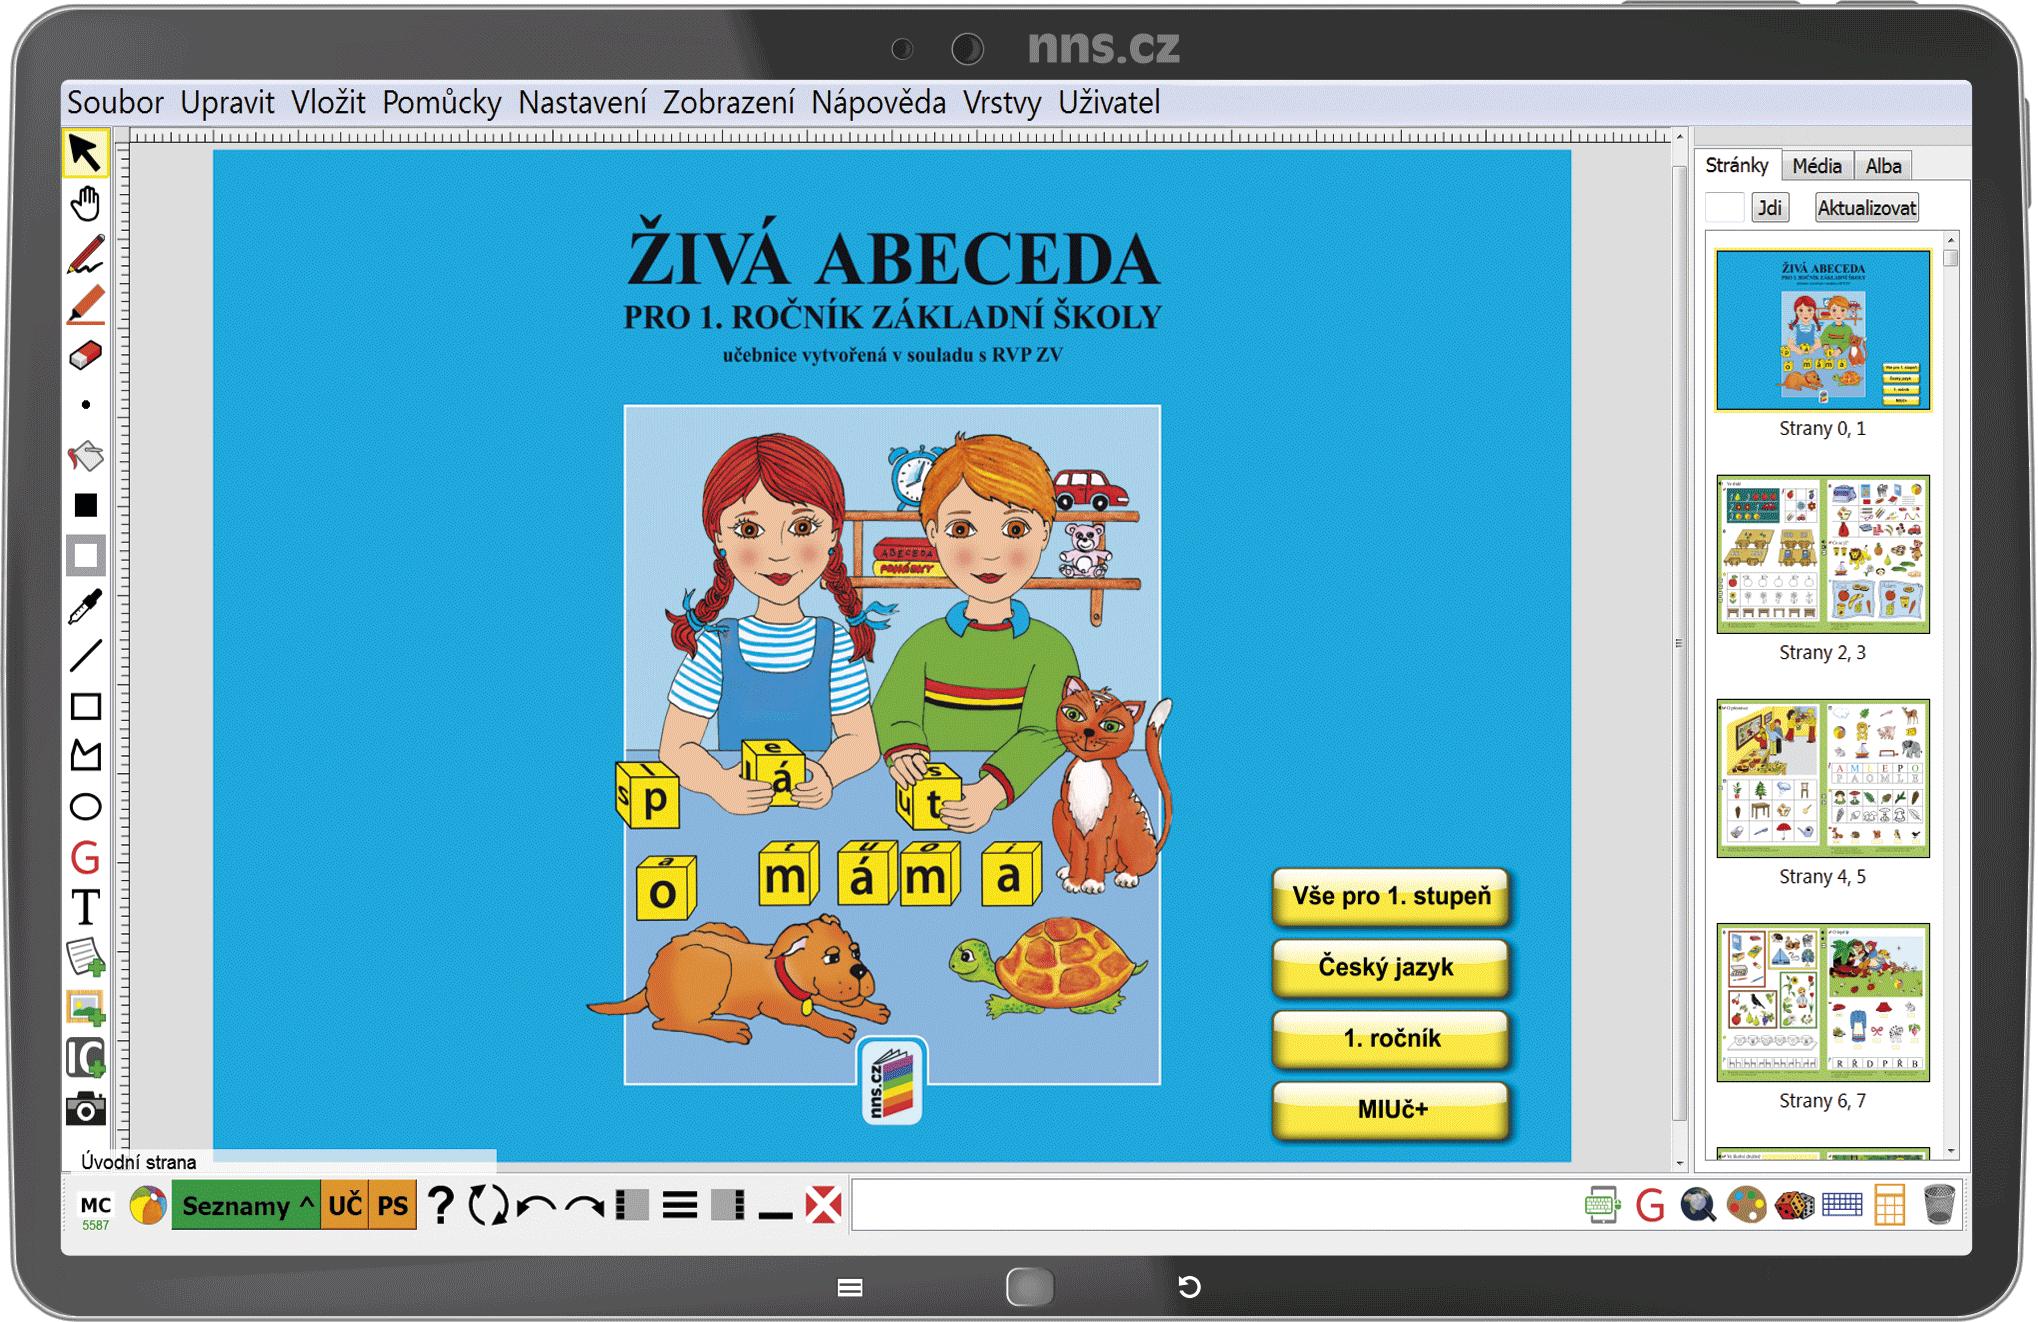 MIUč+ Živá abeceda, Slabikář, Písanky (sada) Píšeme tiskacím písmem - šk. multilicence na 1 šk.